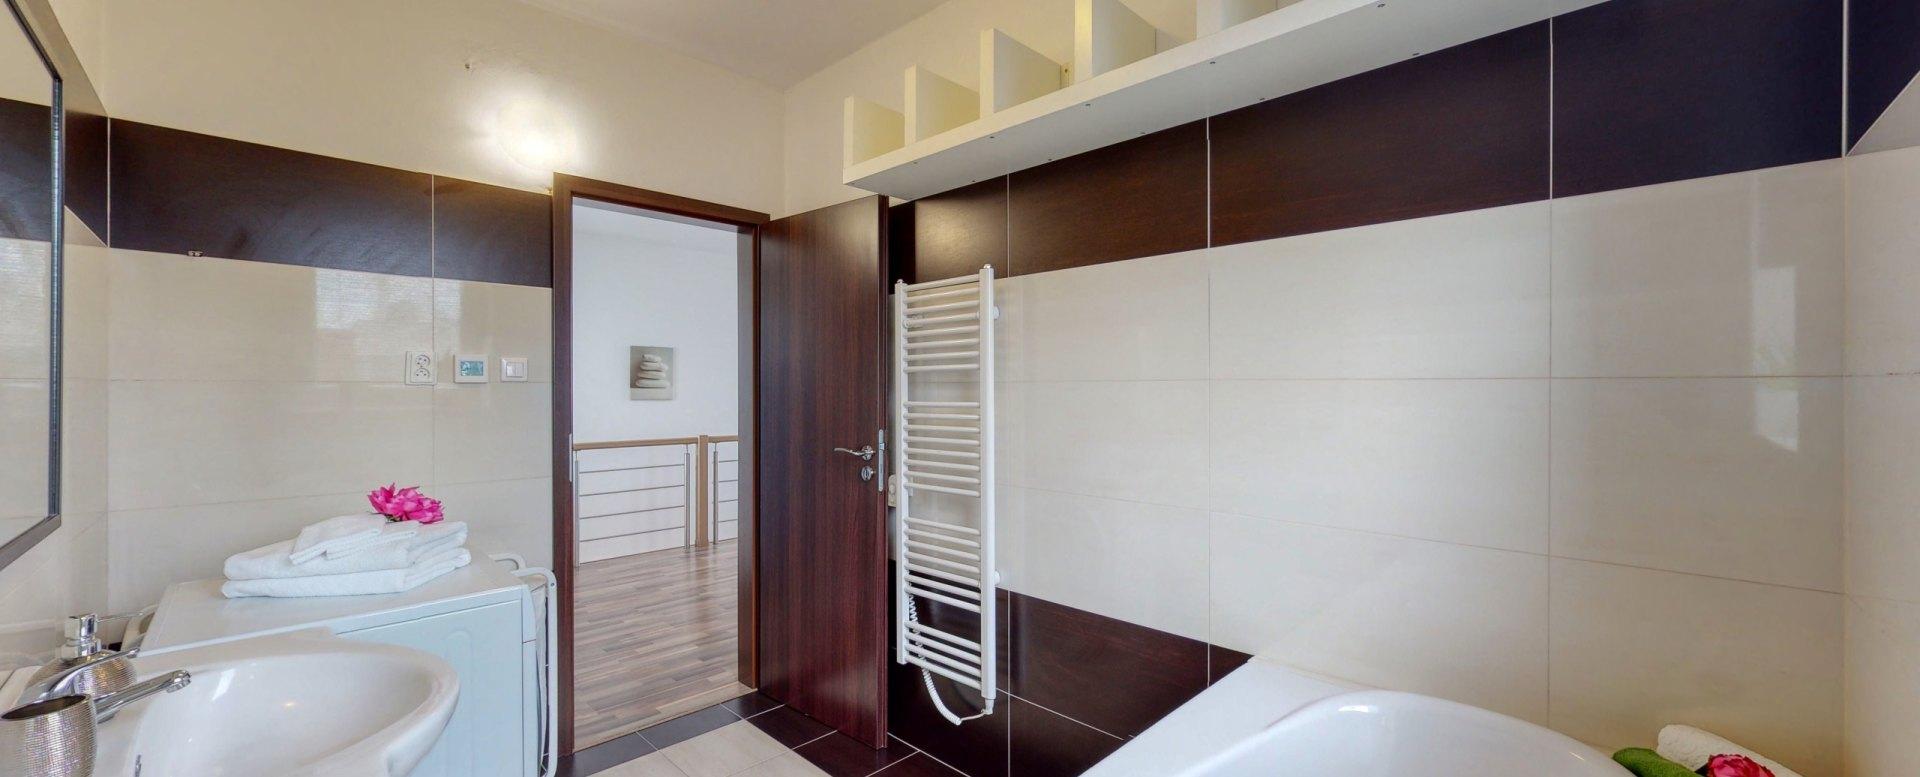 Pohľad na radiátor a vstup do kúpeľne